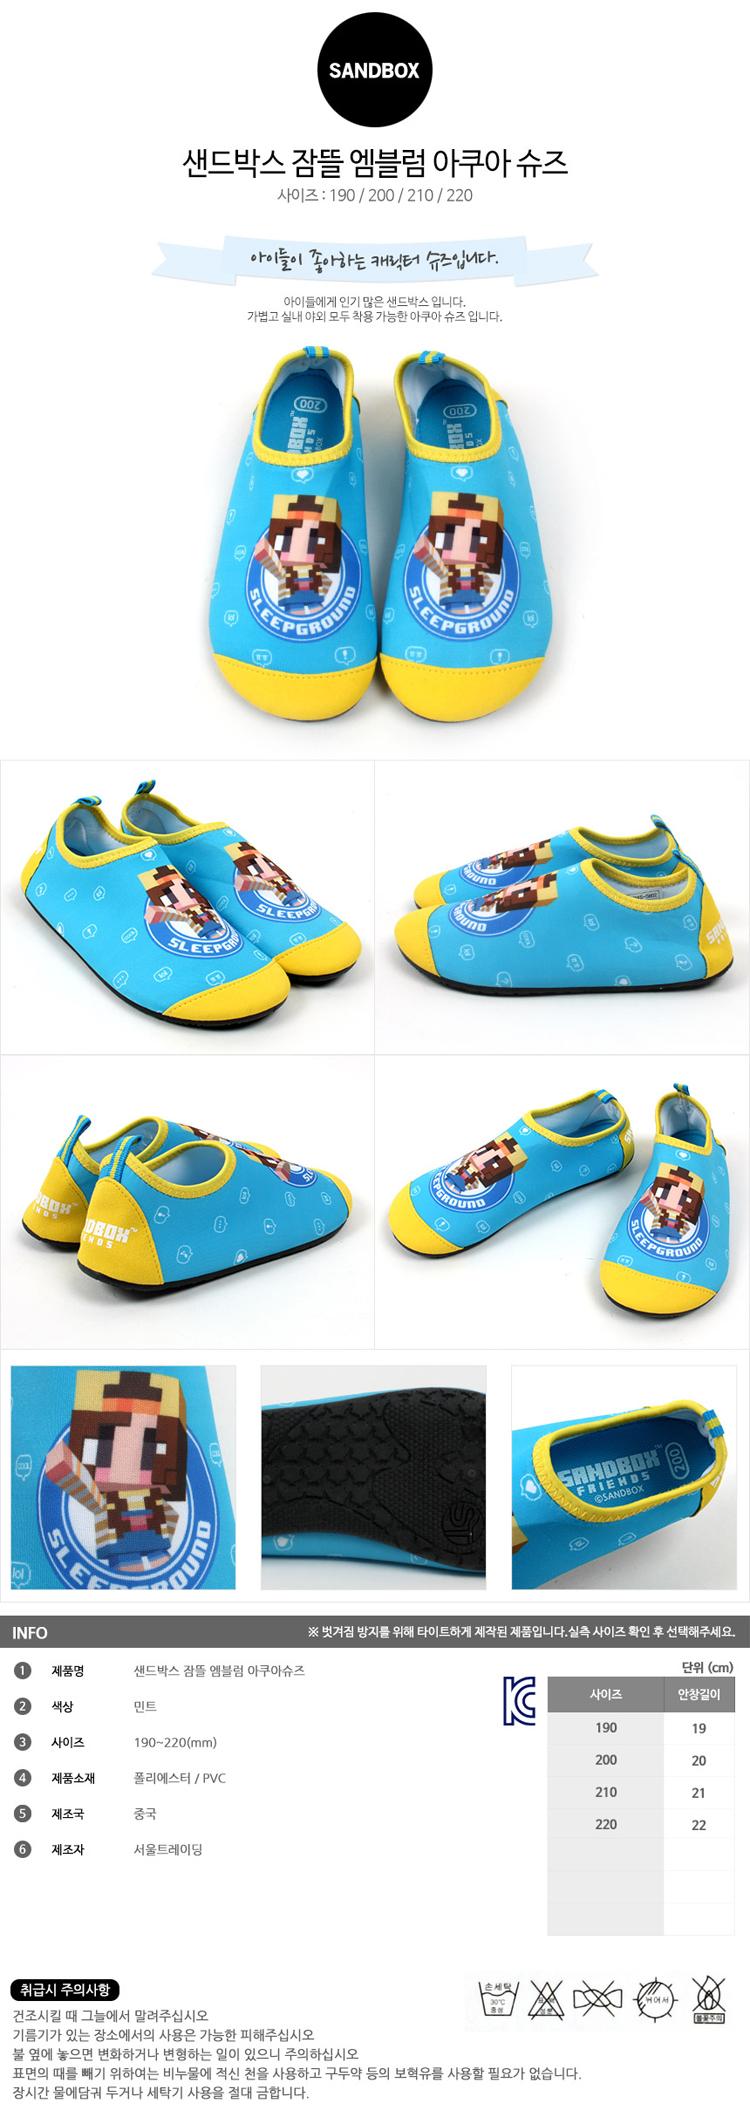 아쿠아슈즈,아동신발,아쿠아샌들,물놀이용품,캐릭터아쿠아슈즈